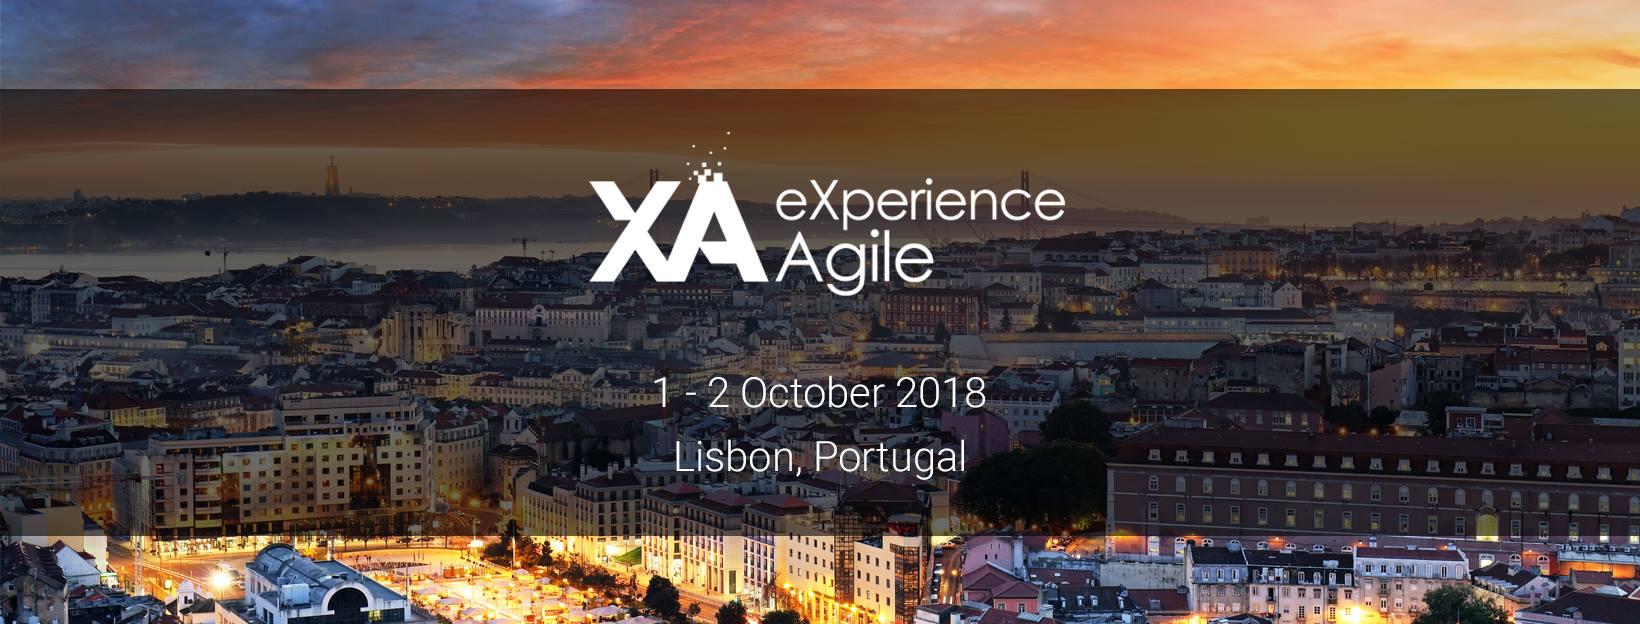 eXperience Agile arranca a 1 de Outubro, com o patrocínio da Rumos